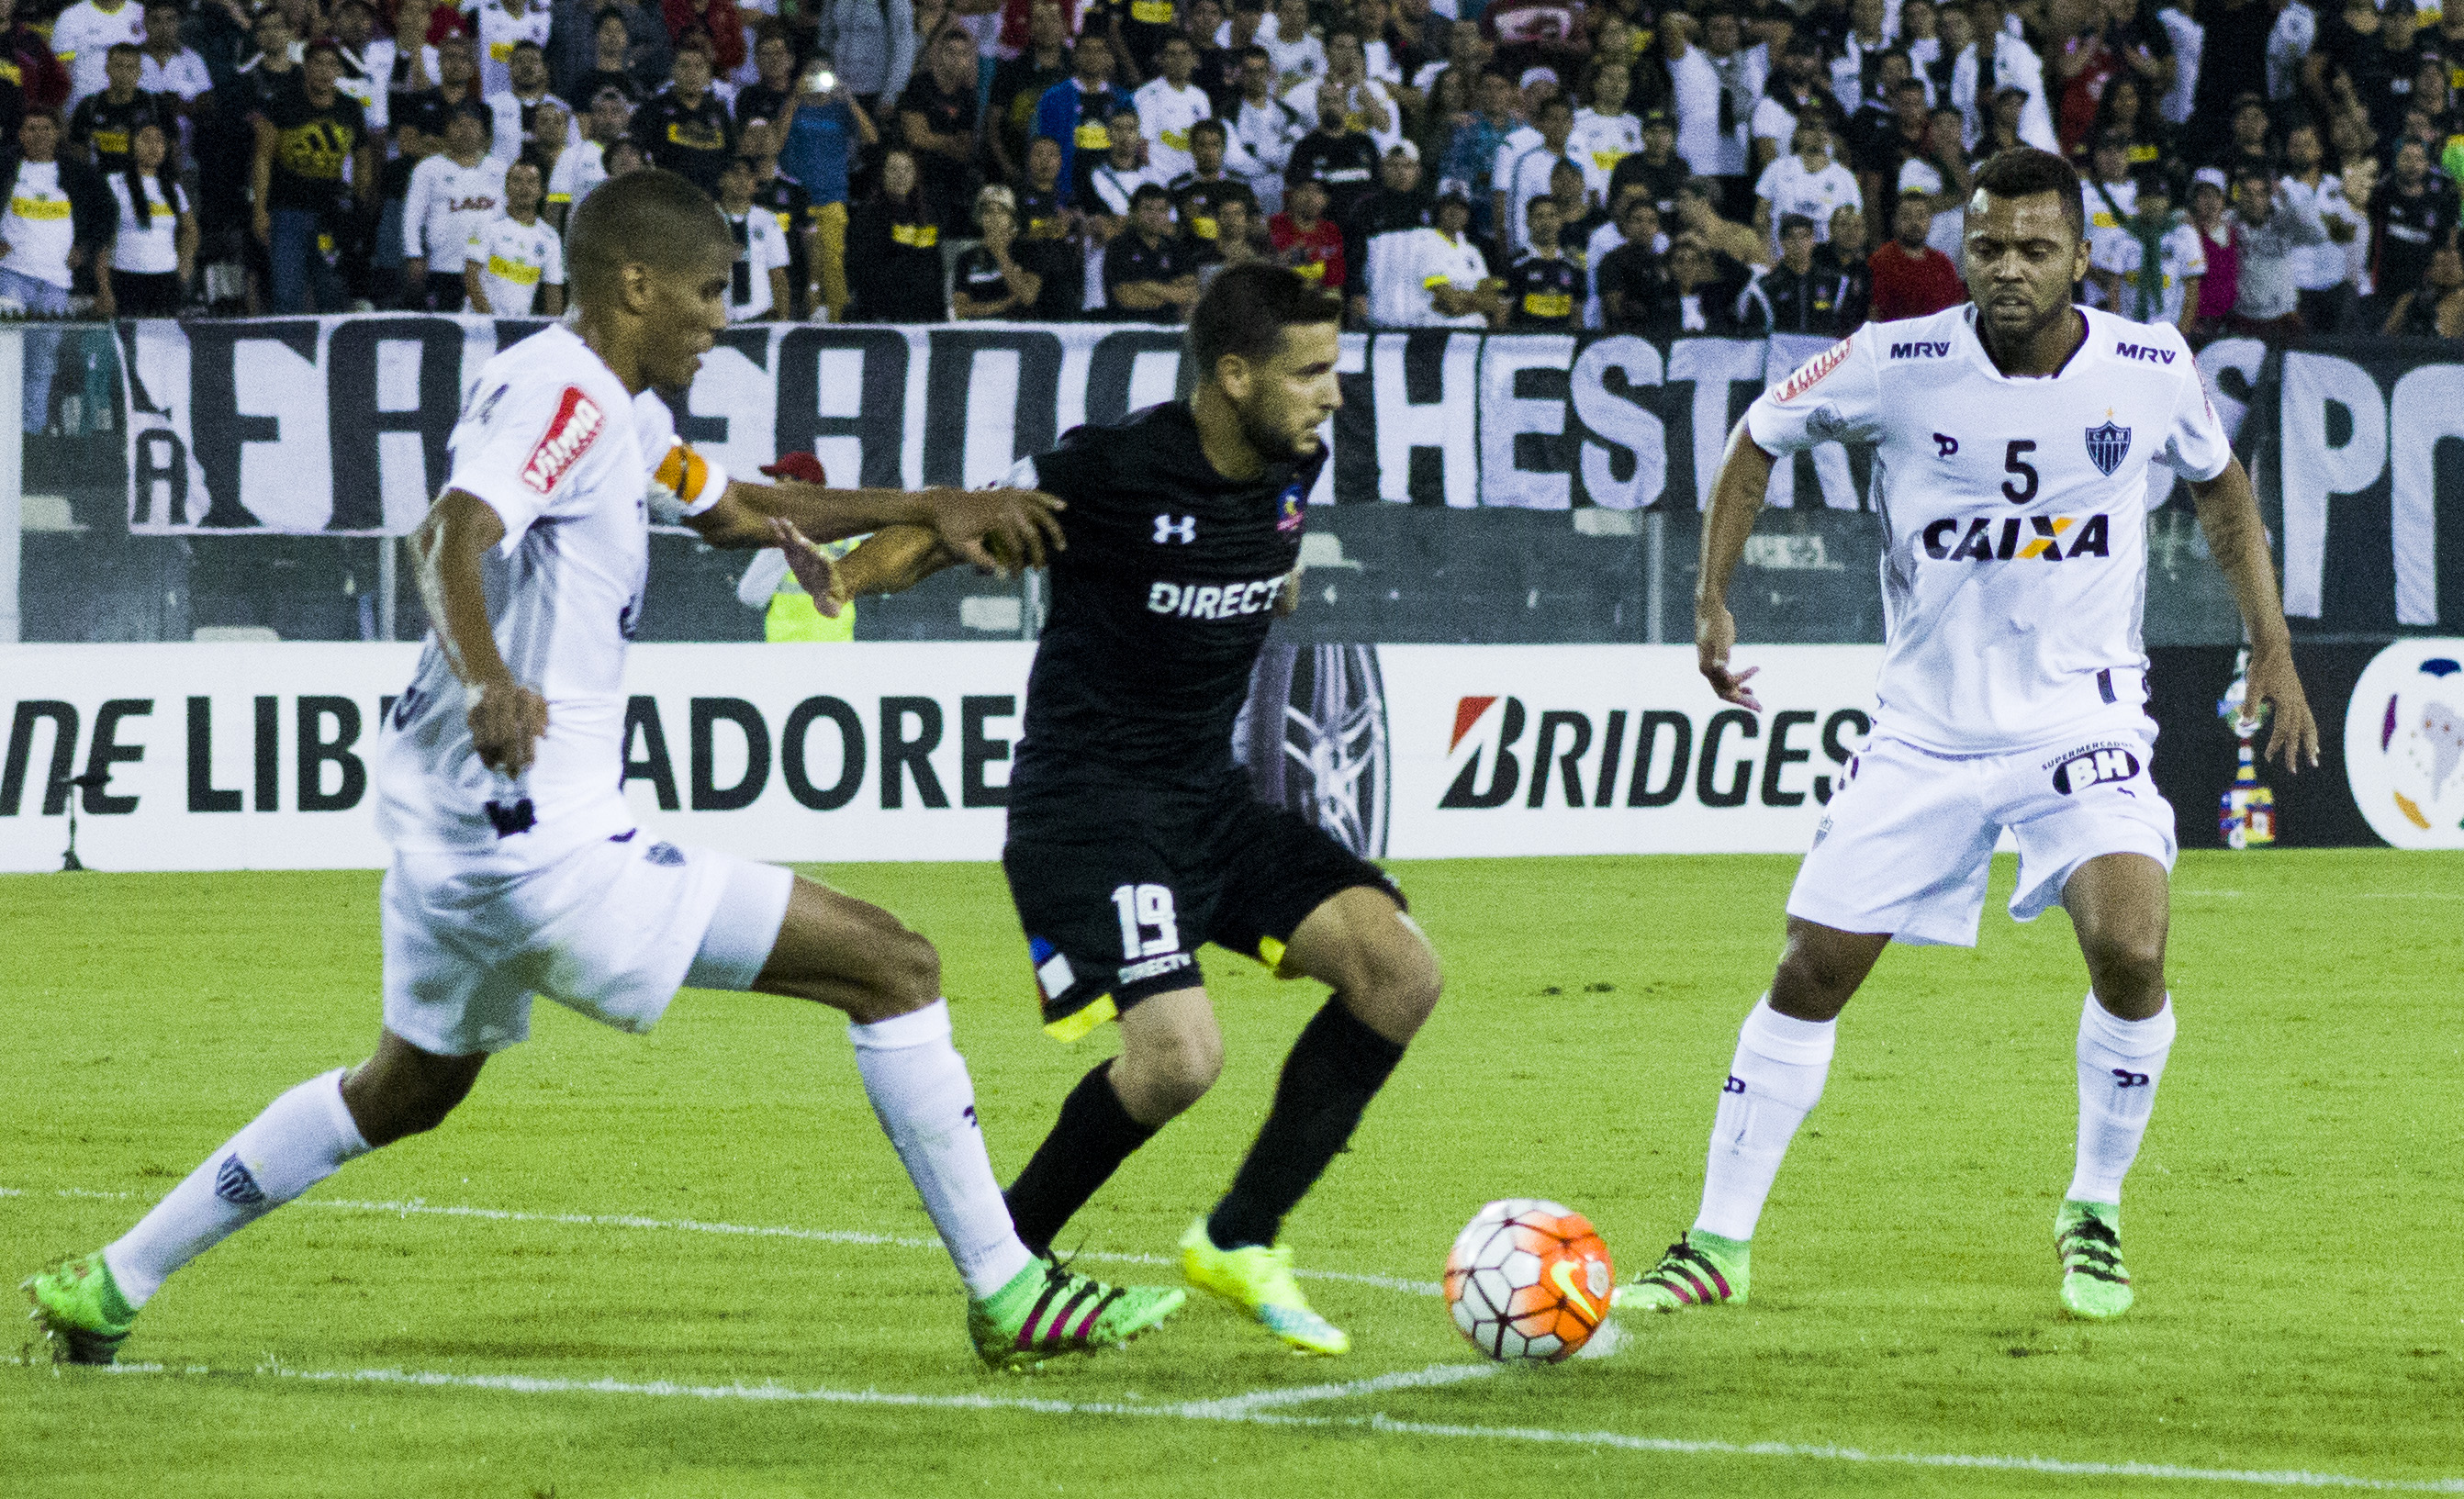 Galería de fotos: Colo-Colo vs Atlético Mineiro